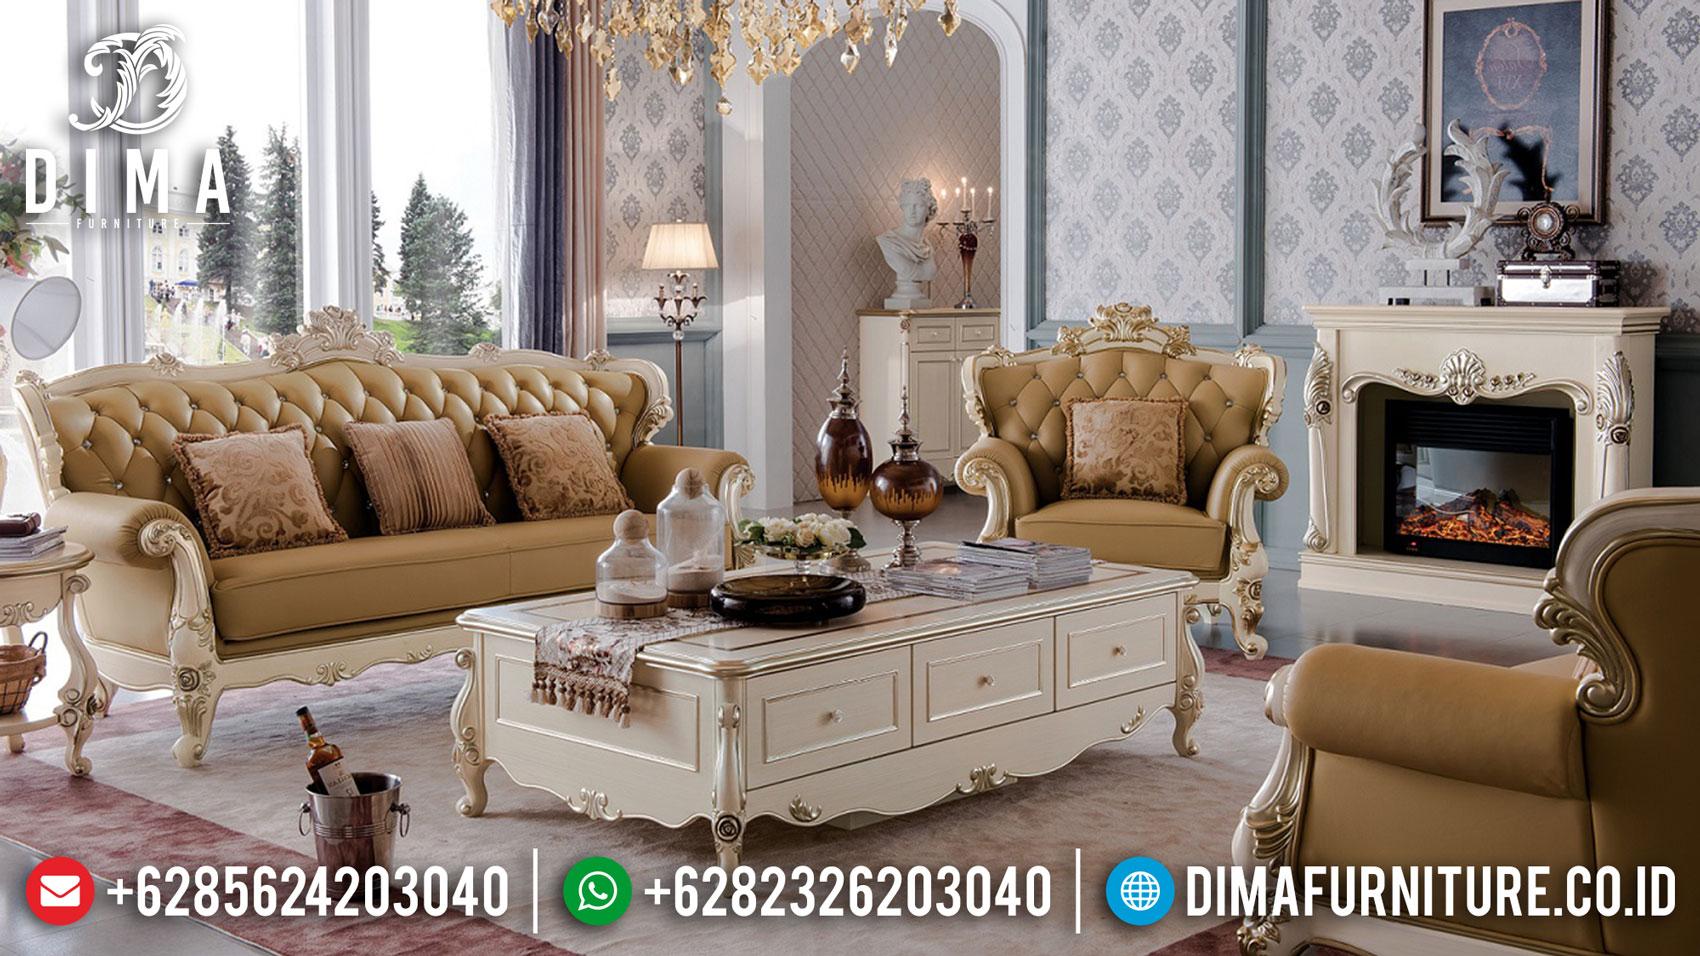 Harga Sofa Tamu Mewah Jepara Terbaru Luxurious Elegant Duco Color TTJ-1618